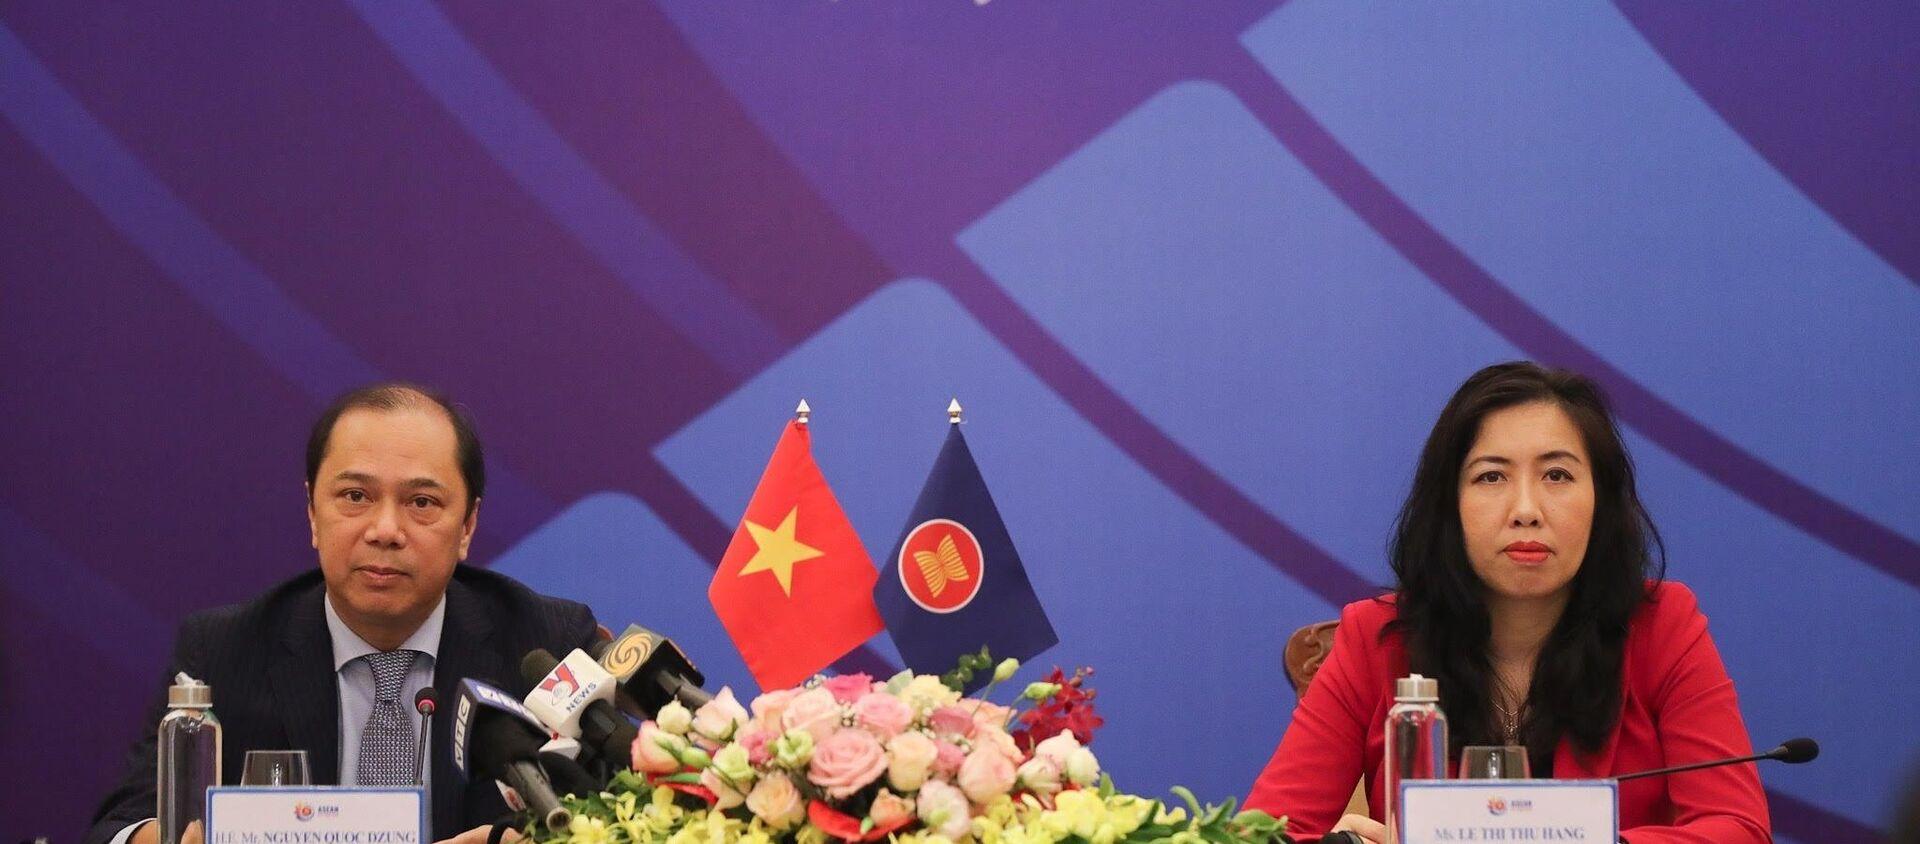 Thứ trưởng Bộ Ngoại giao Nguyễn Quốc Dũng (trái) chủ trì Họp báo về Hội nghị cấp cao ASEAN lần thứ 36. - Sputnik Việt Nam, 1920, 23.06.2020